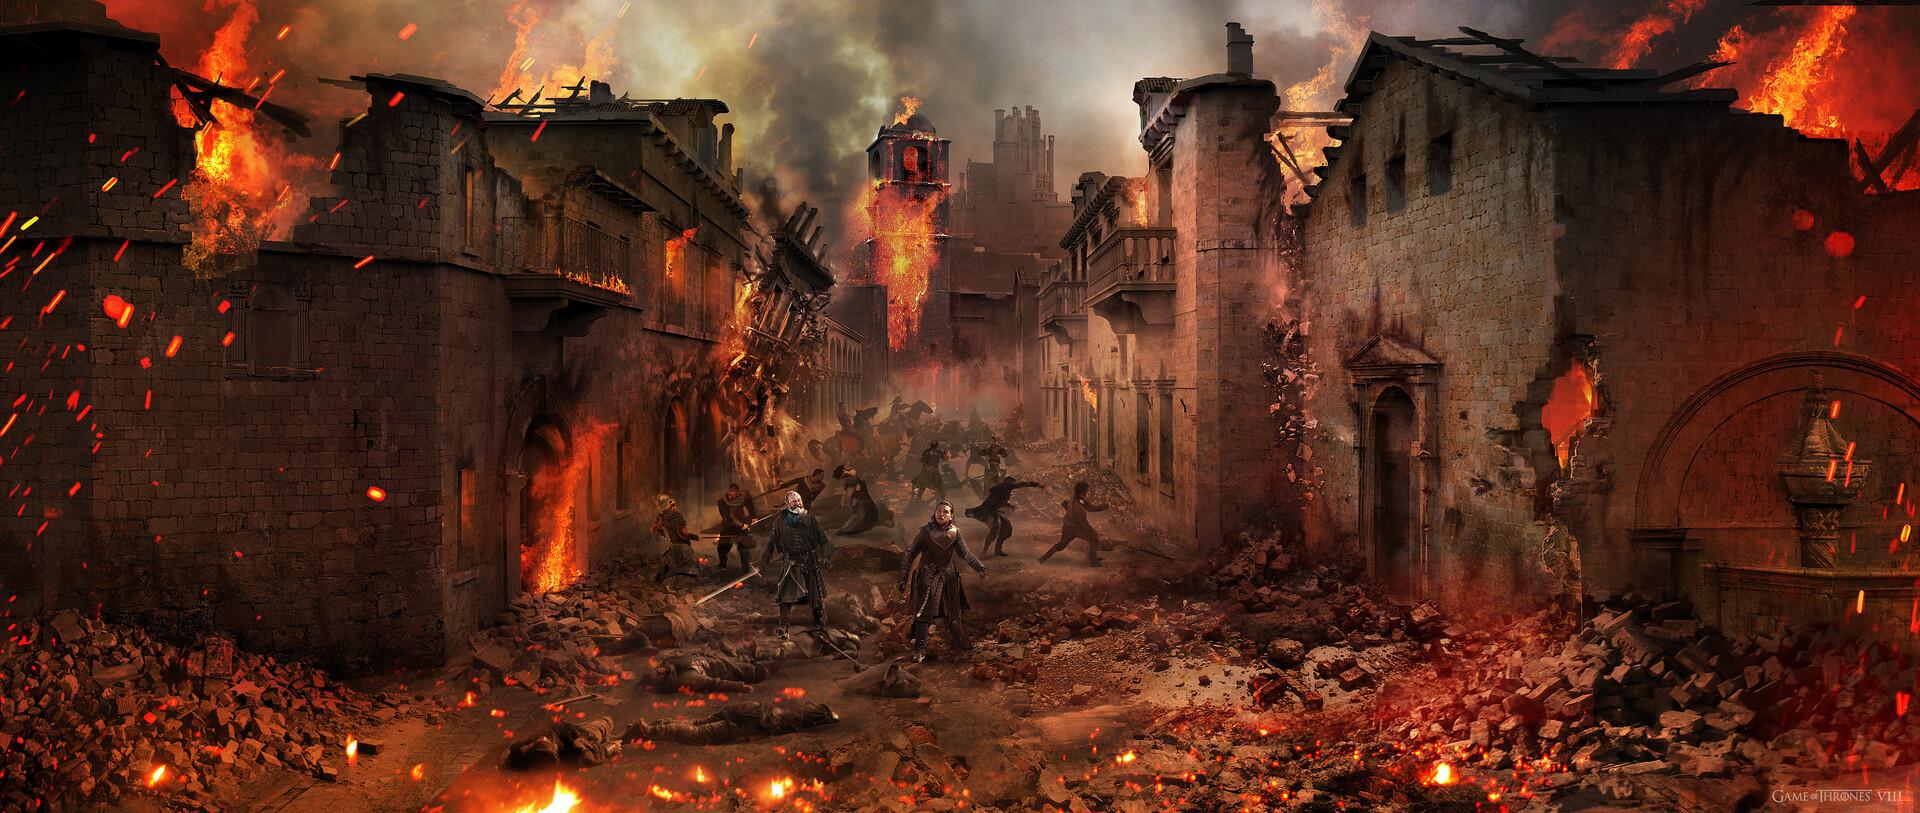 Kieran belshaw kingslanding mainstreet fromgate fire v005copy